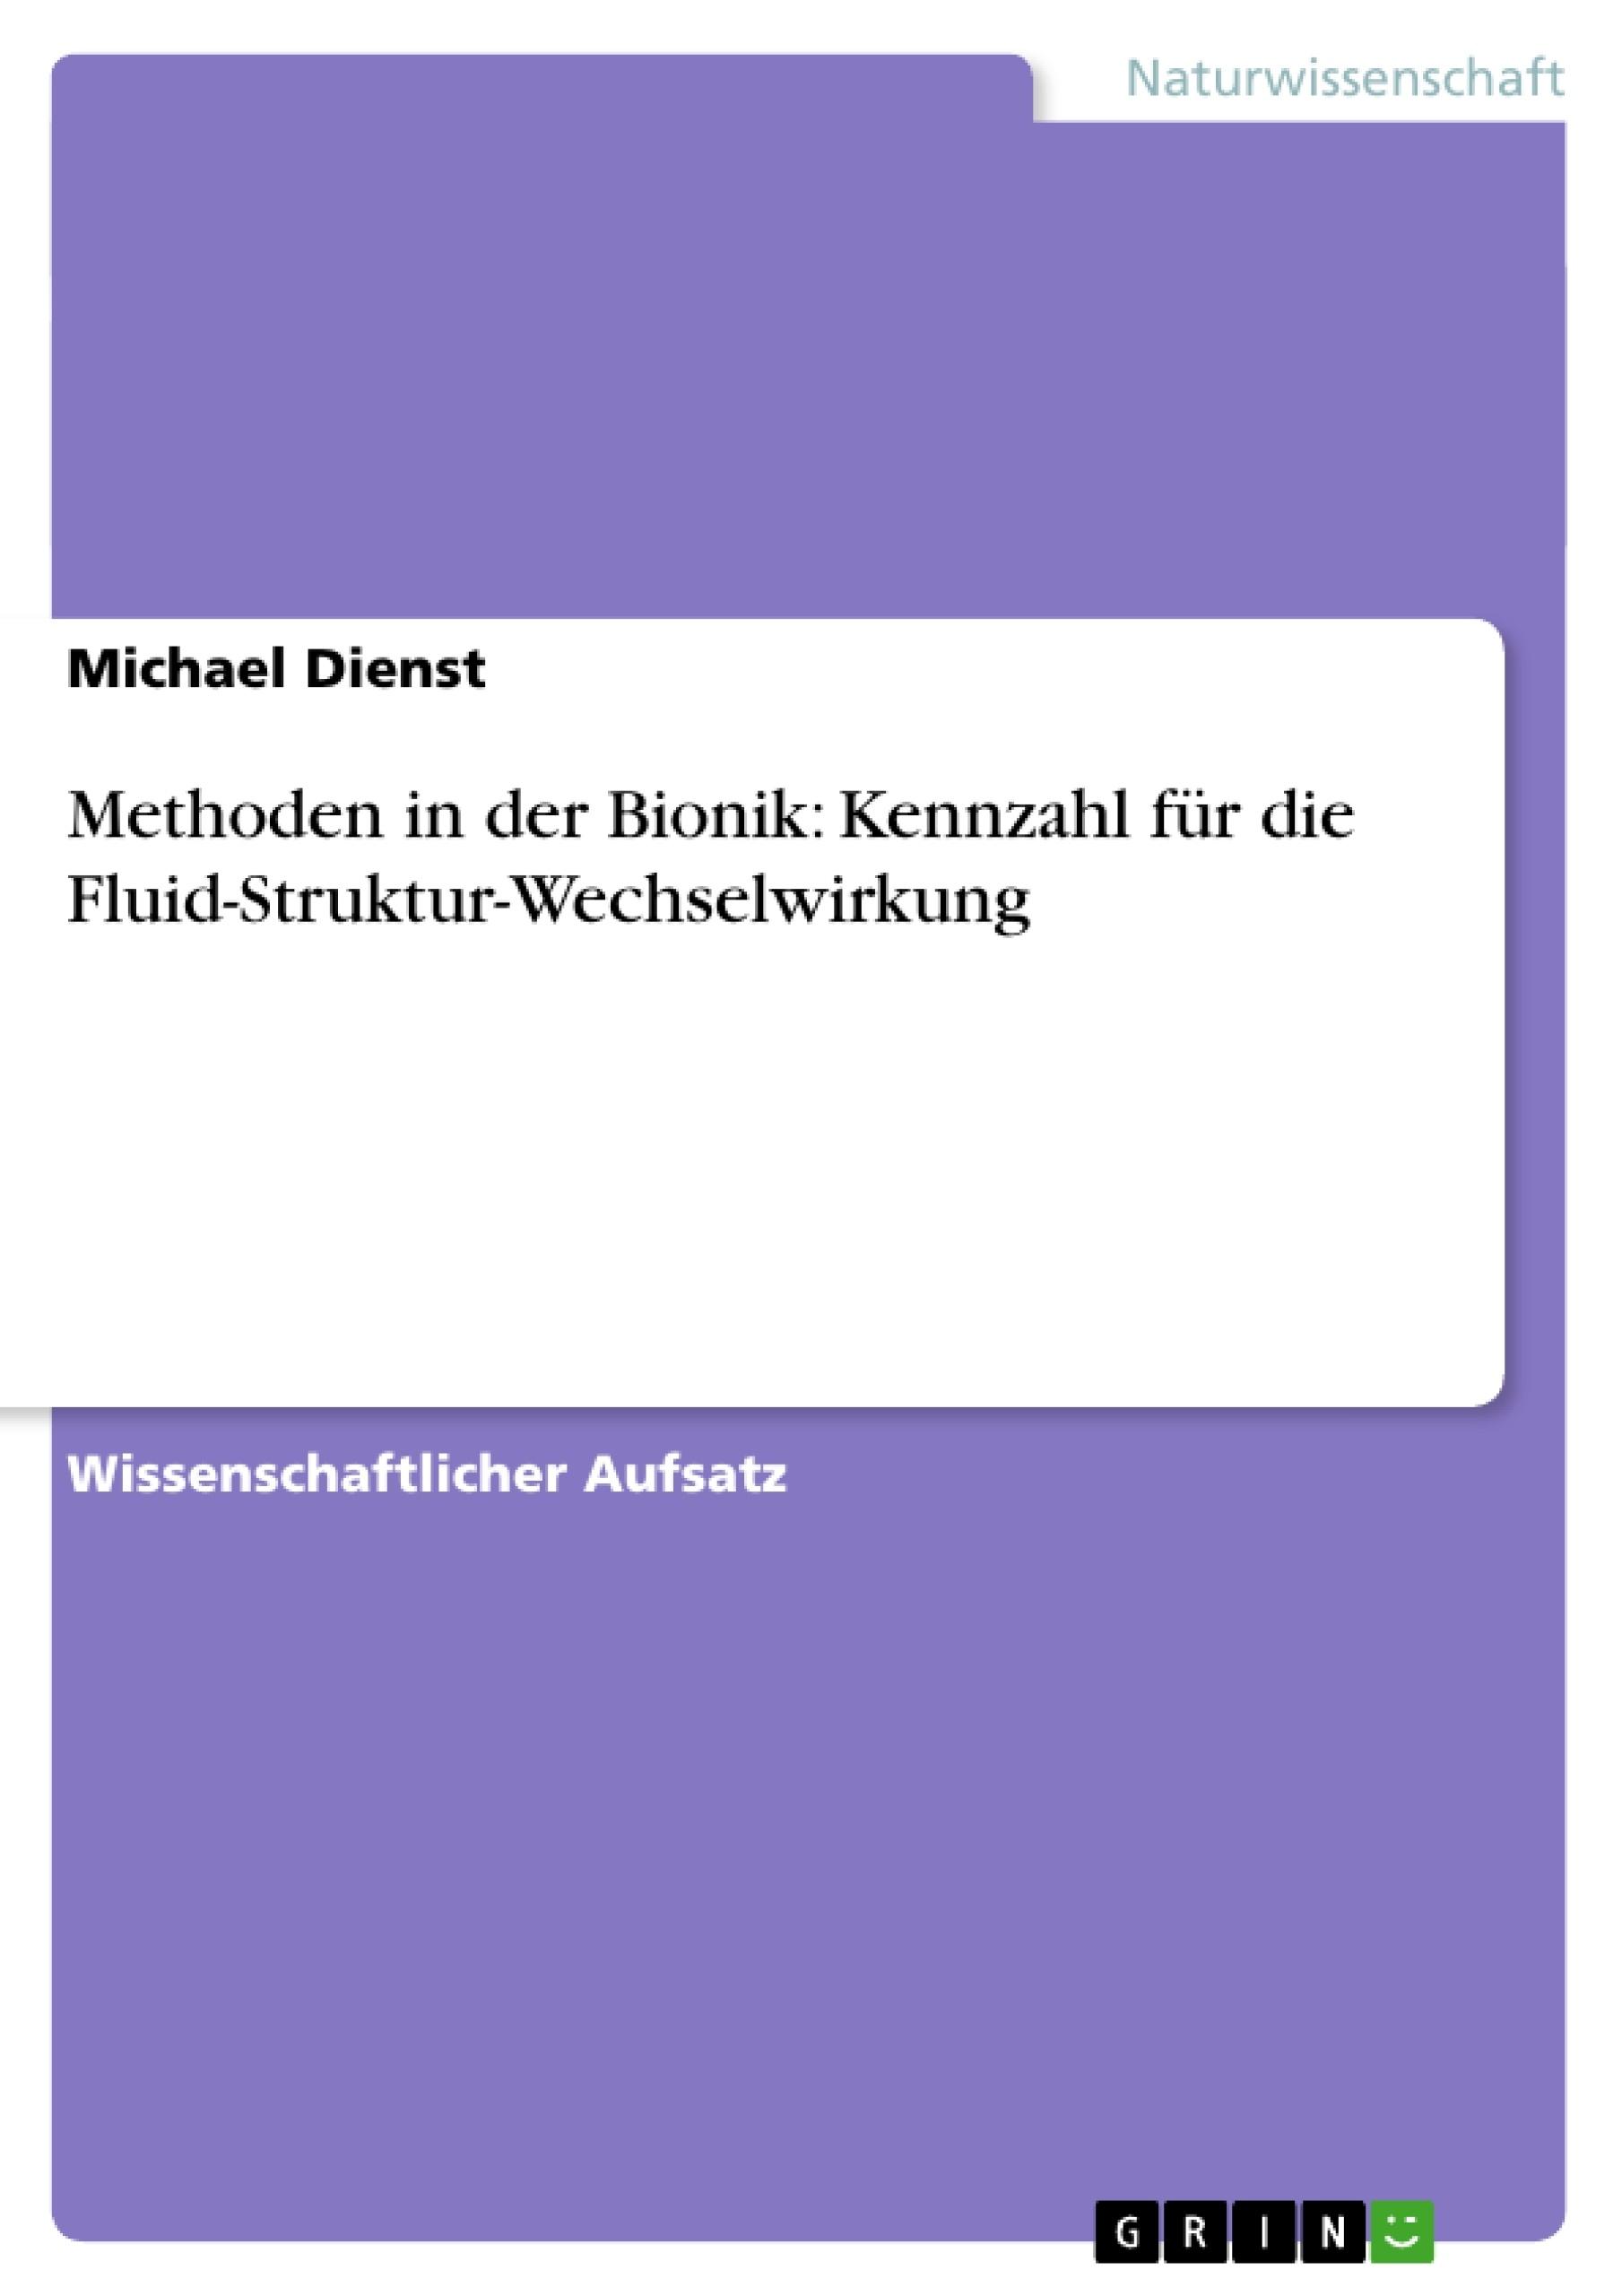 Titel: Methoden in der Bionik: Kennzahl für die Fluid-Struktur-Wechselwirkung